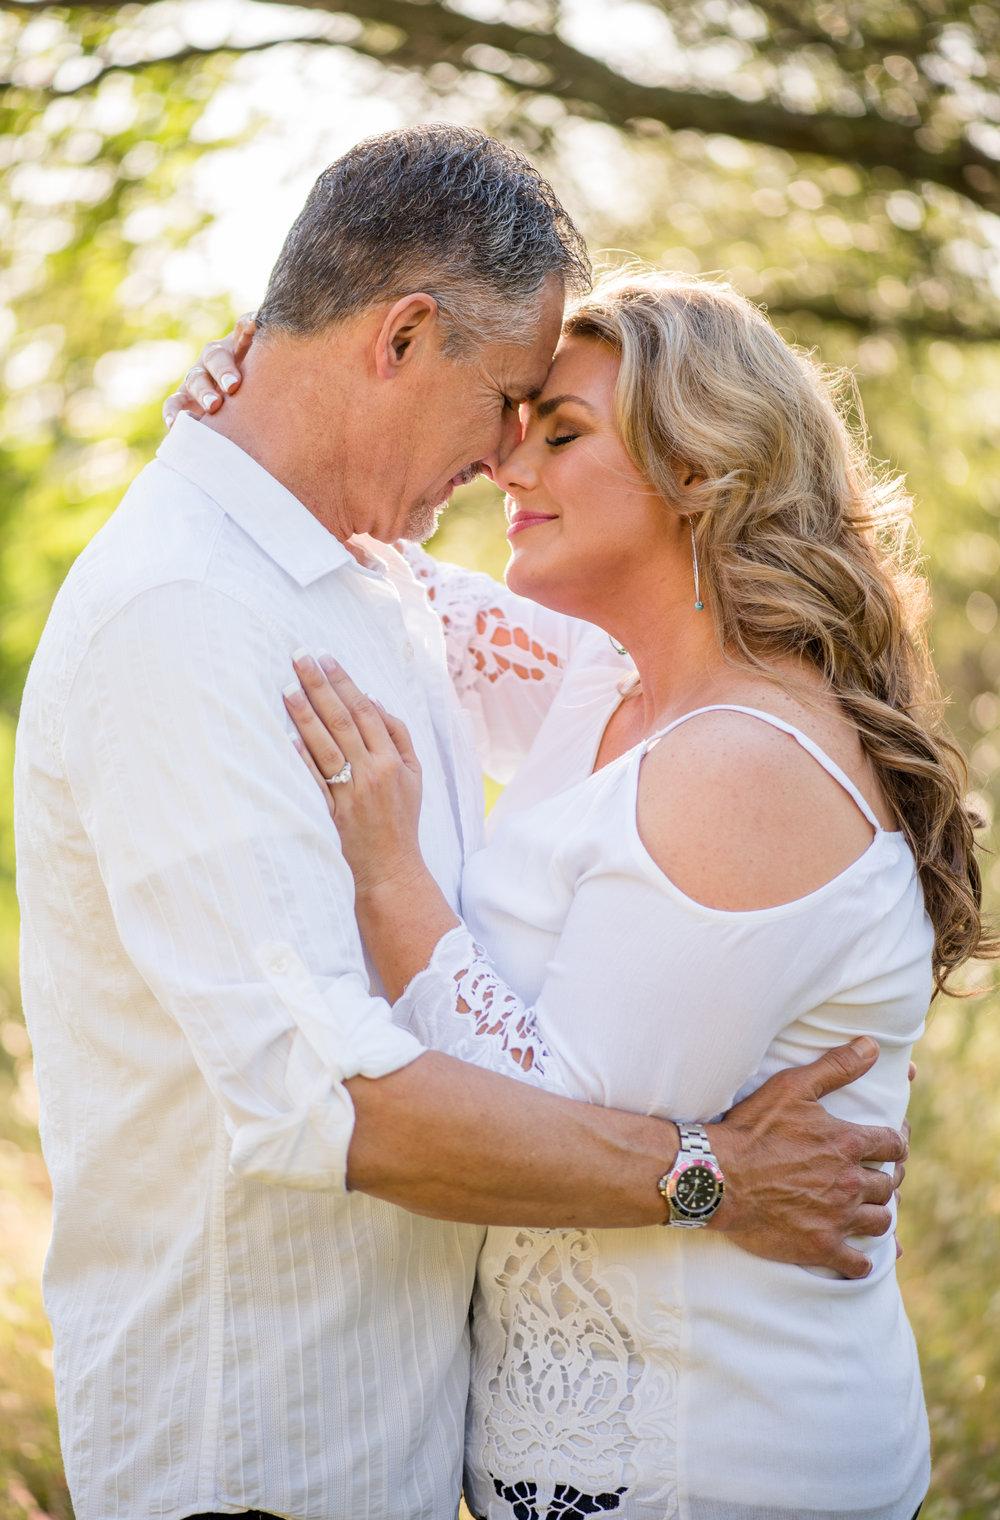 kara-craig-026-folsom-engagement-wedding-photographer-katherine-nicole-photography.JPG